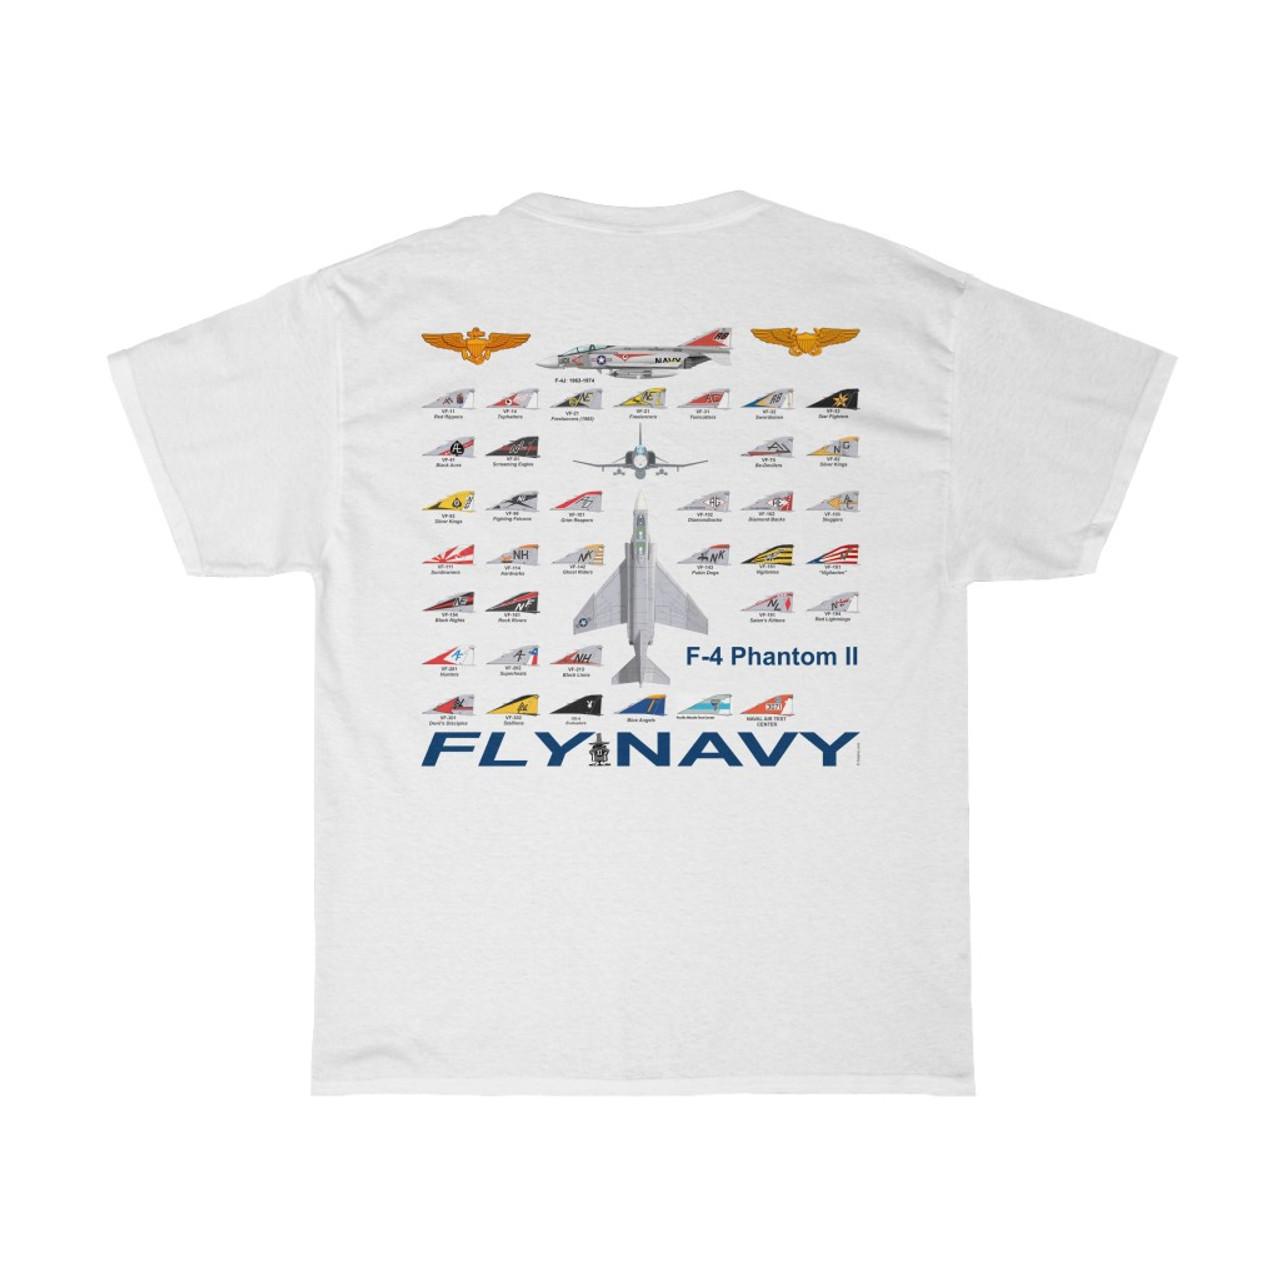 F-4 Phantom Navy Squadron T-shirt